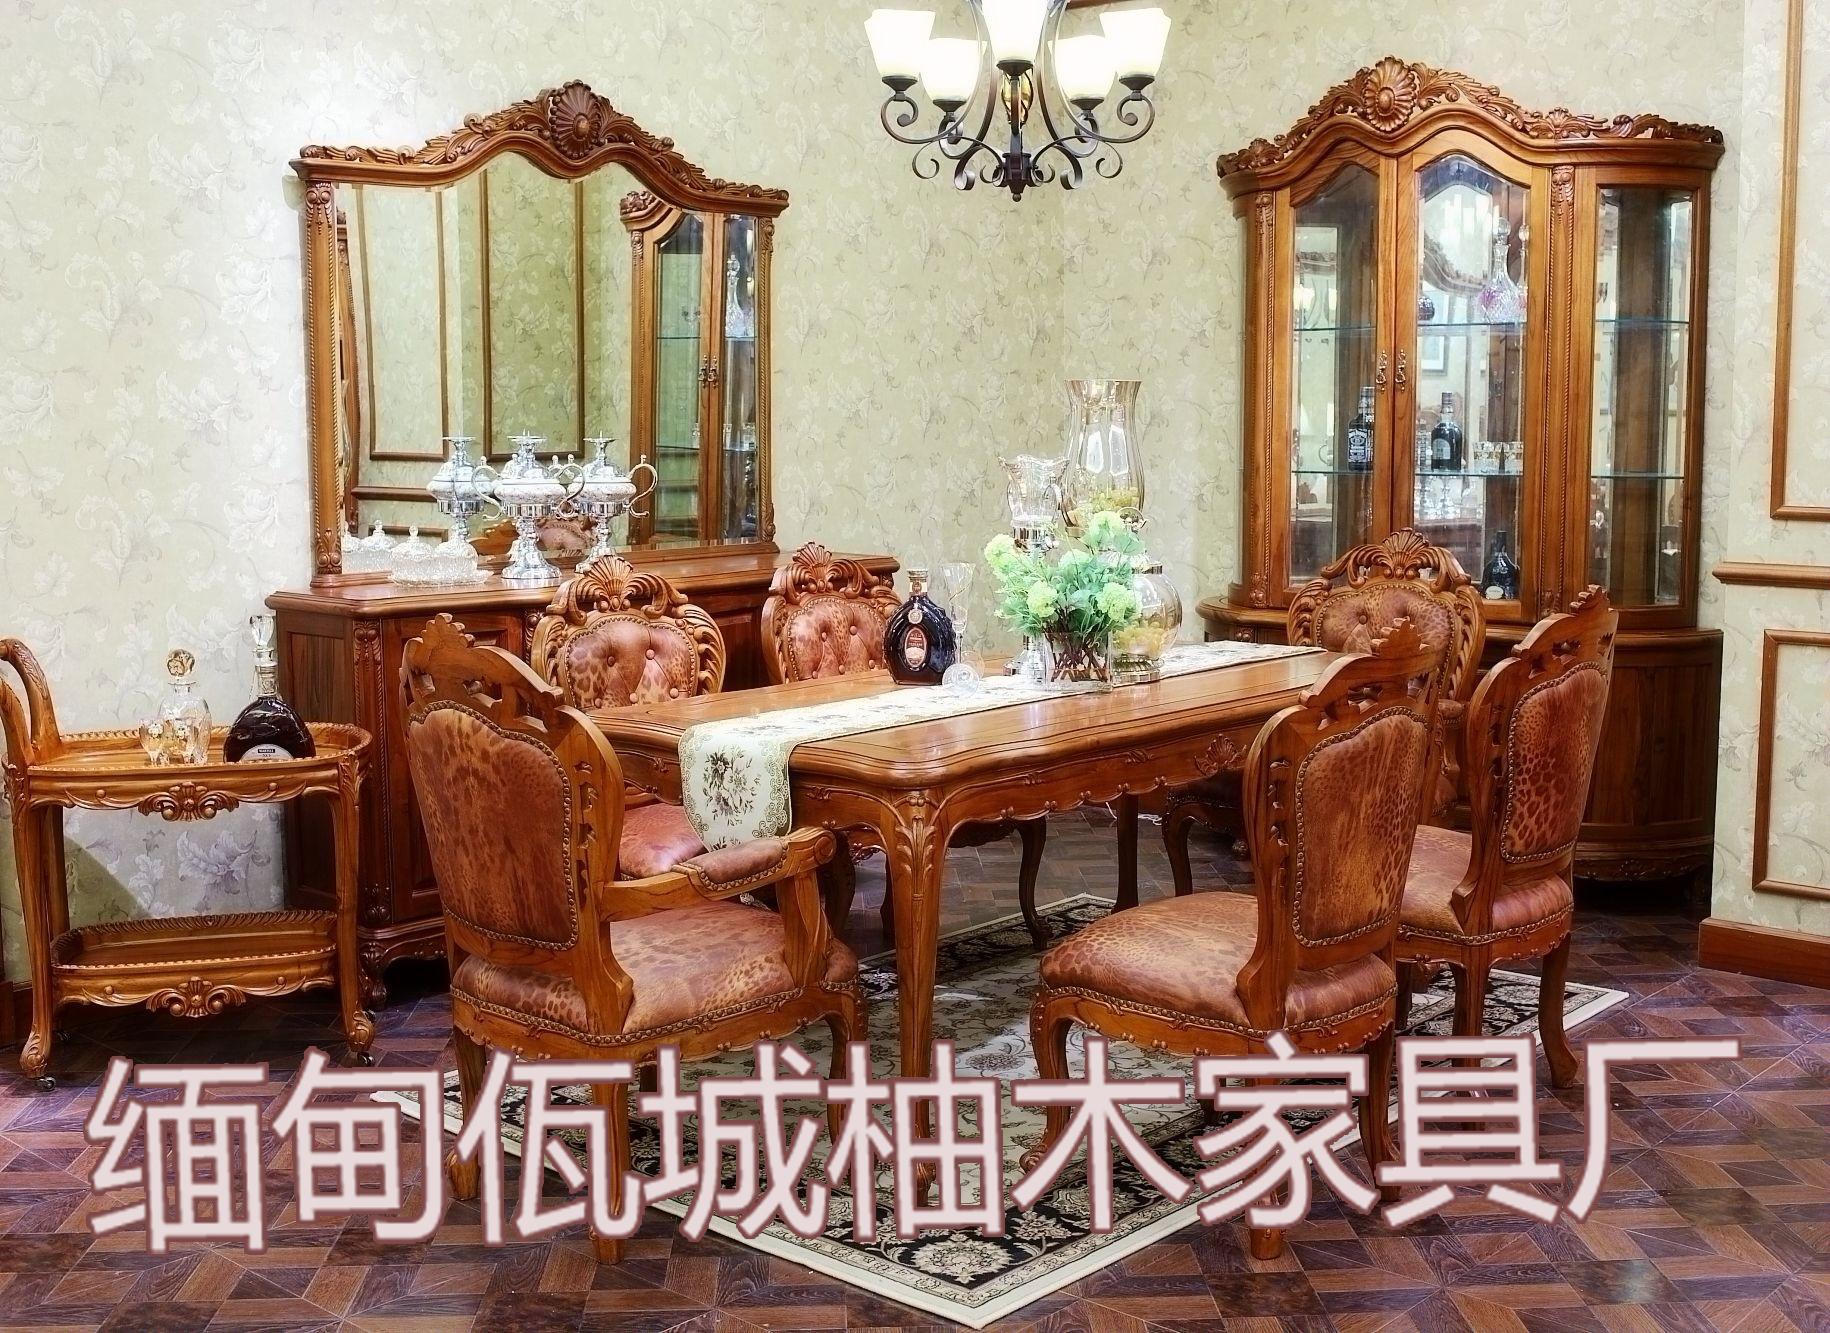 缅甸佤城柚木家具厂●100%全纯老手工●欧式餐桌椅纯柚木雕刻